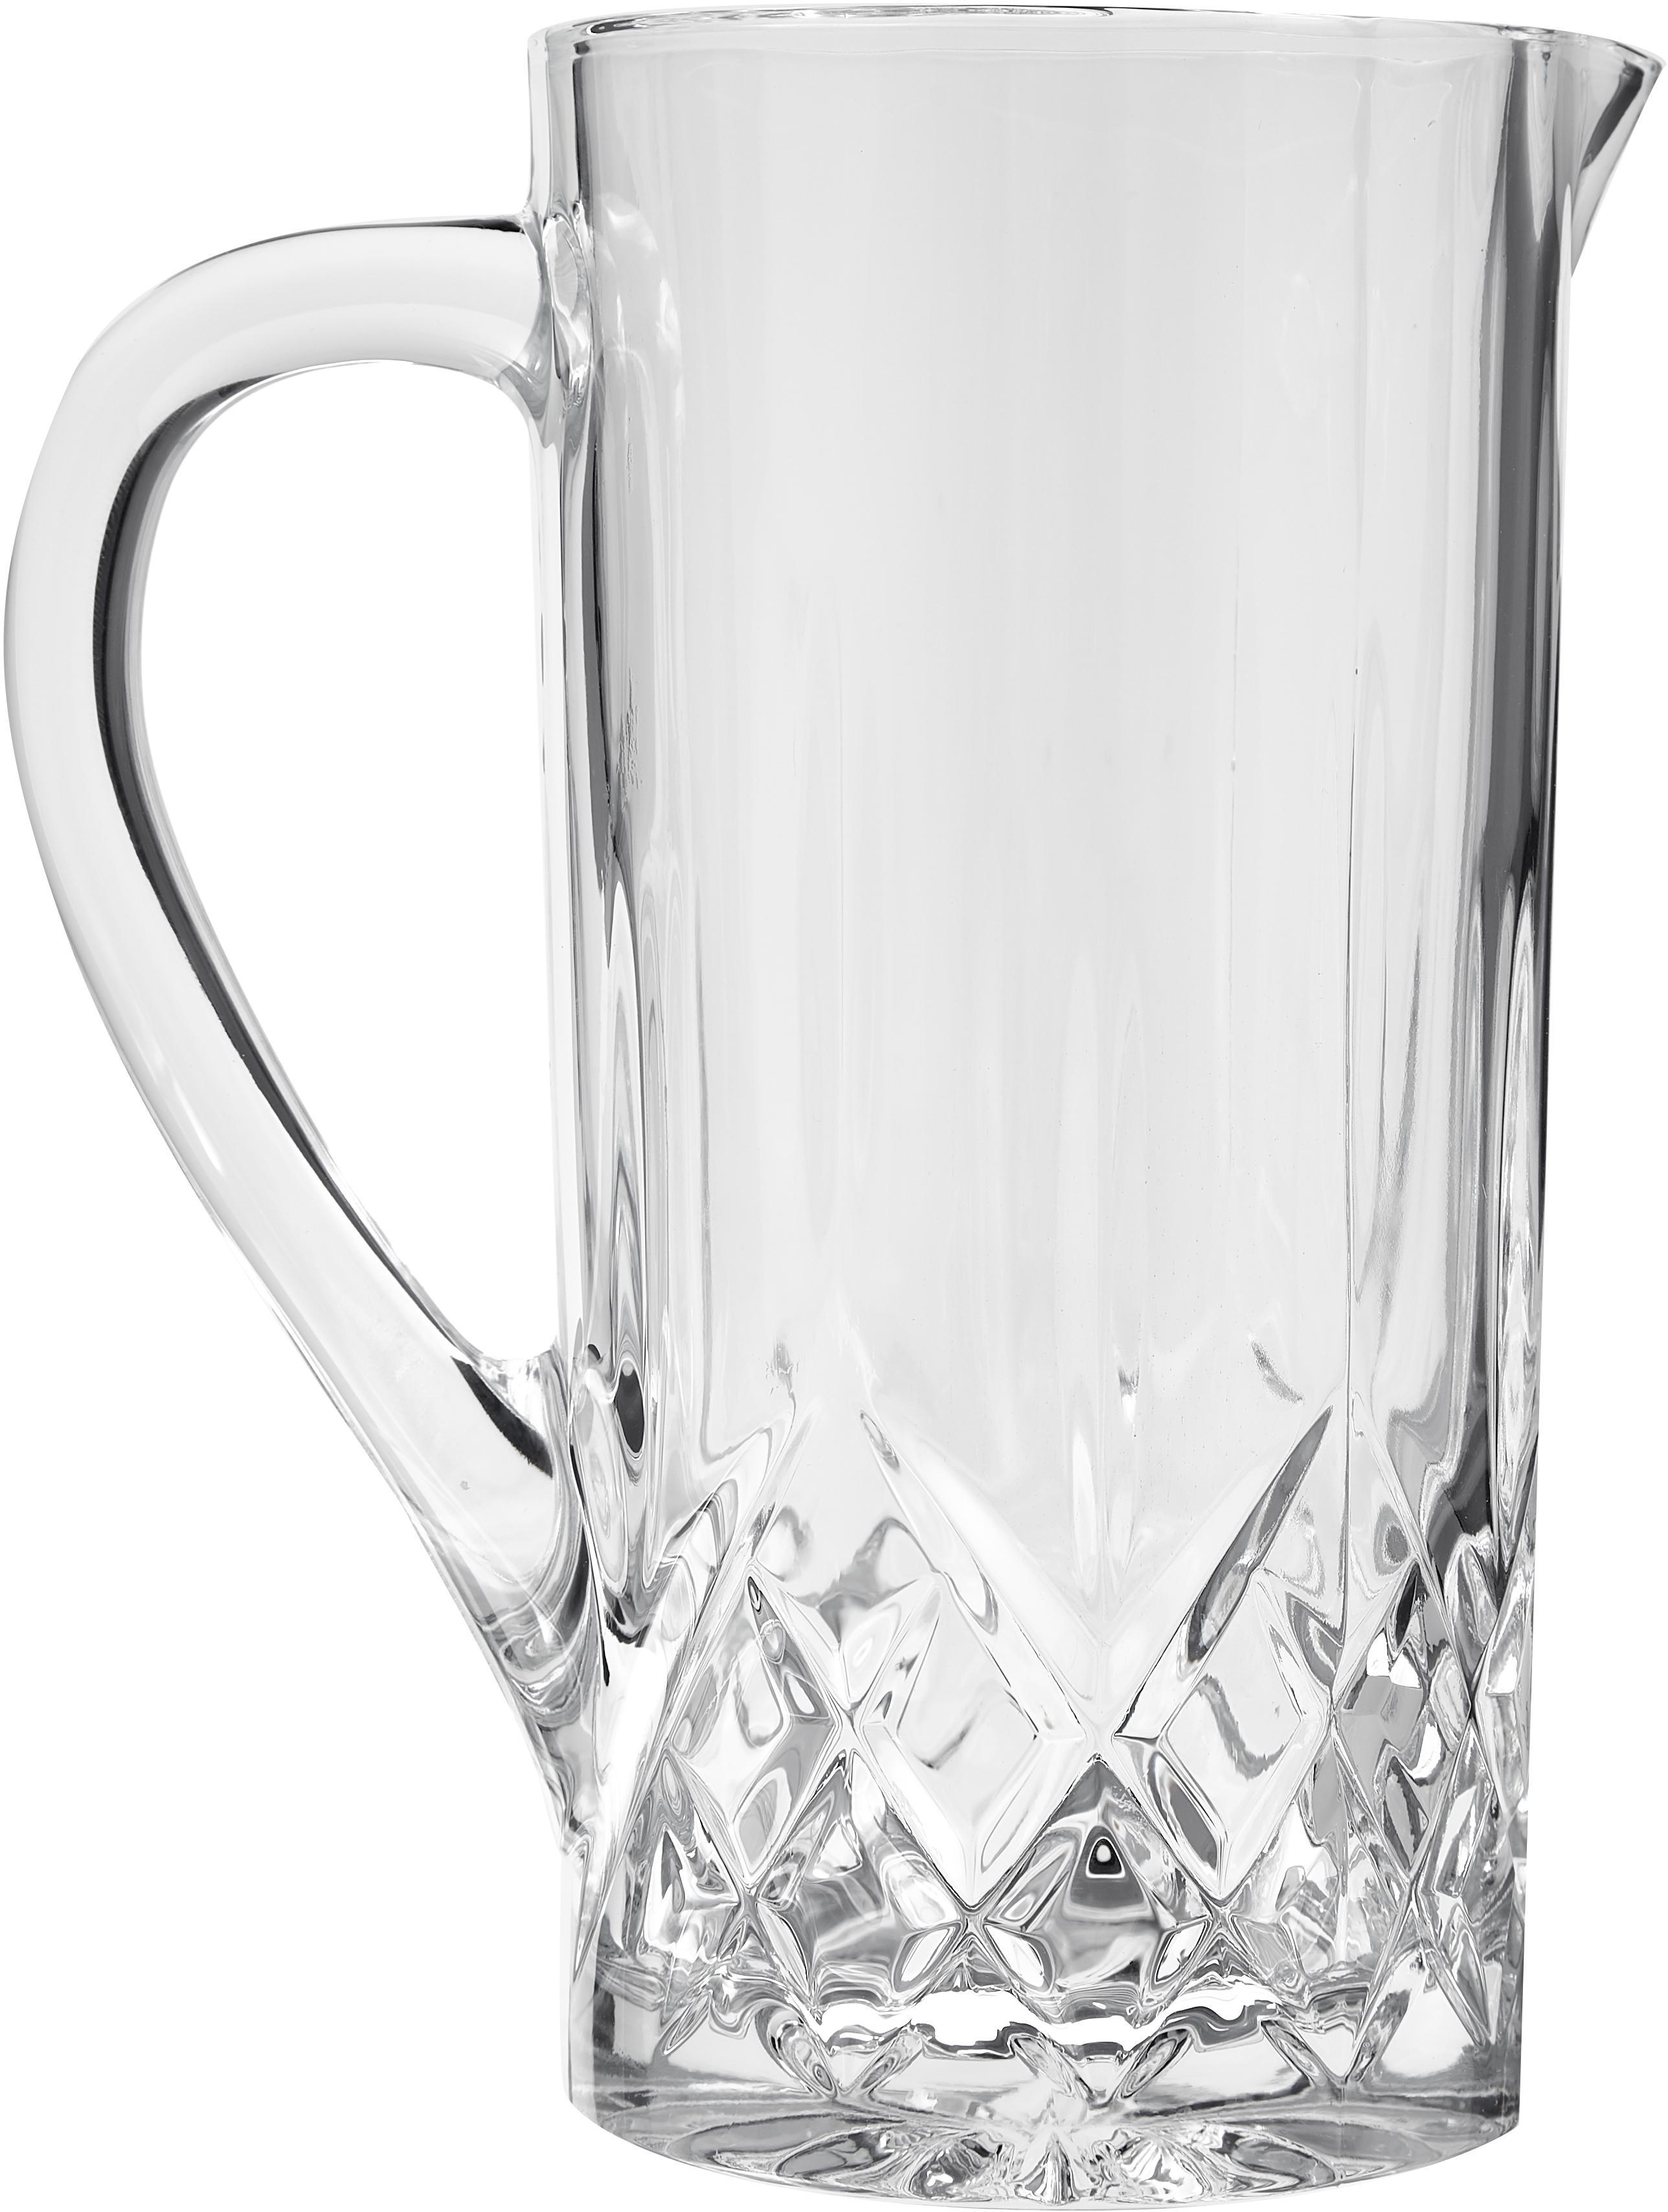 Caraffa in cristallo Opera, Cristallo Luxion, Trasparente, 1.2 L